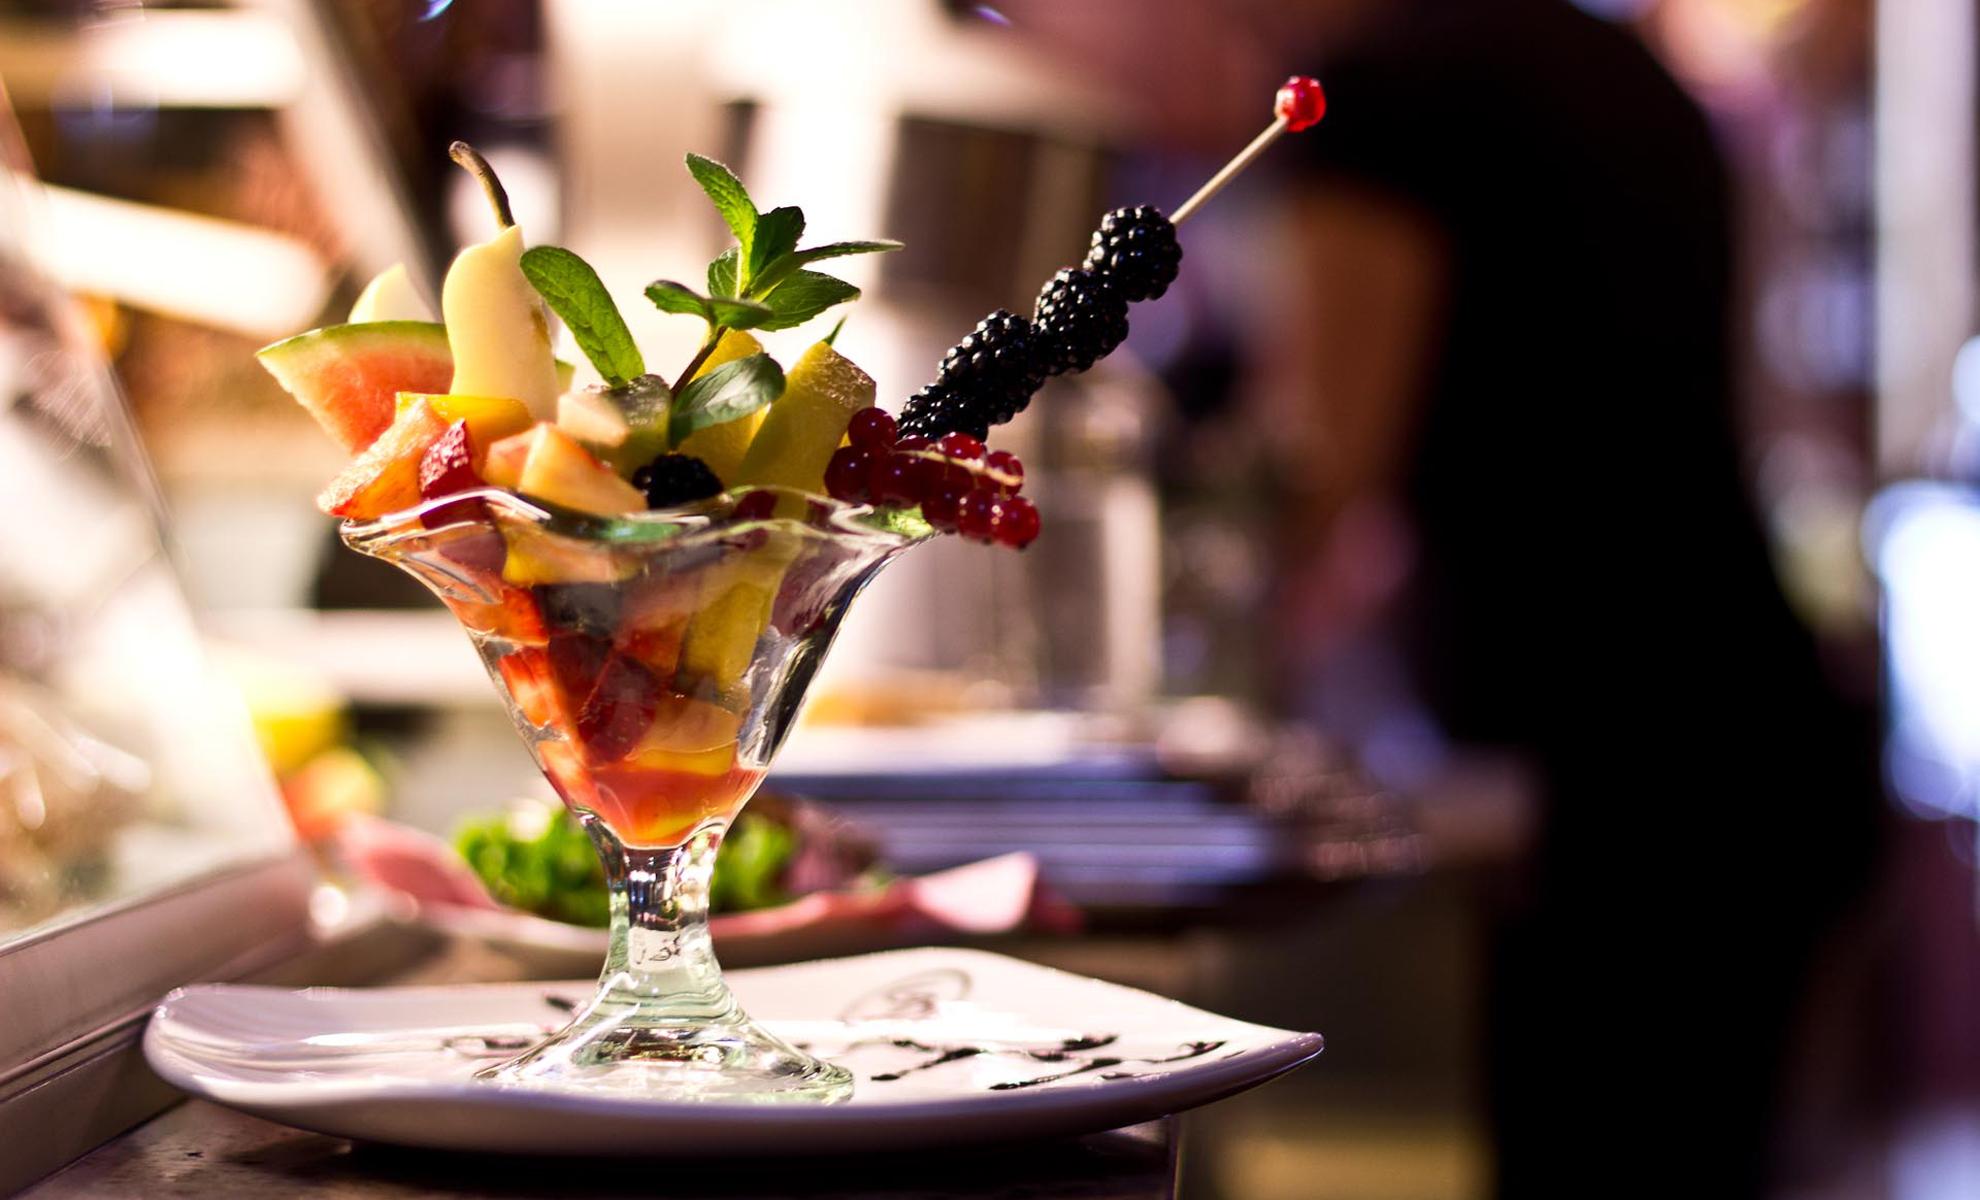 Caffetteria Borsa, Chivasso - Prestigio eleganza e raffinatezza per un aperitivo in compagnia oppure una ricca colazione